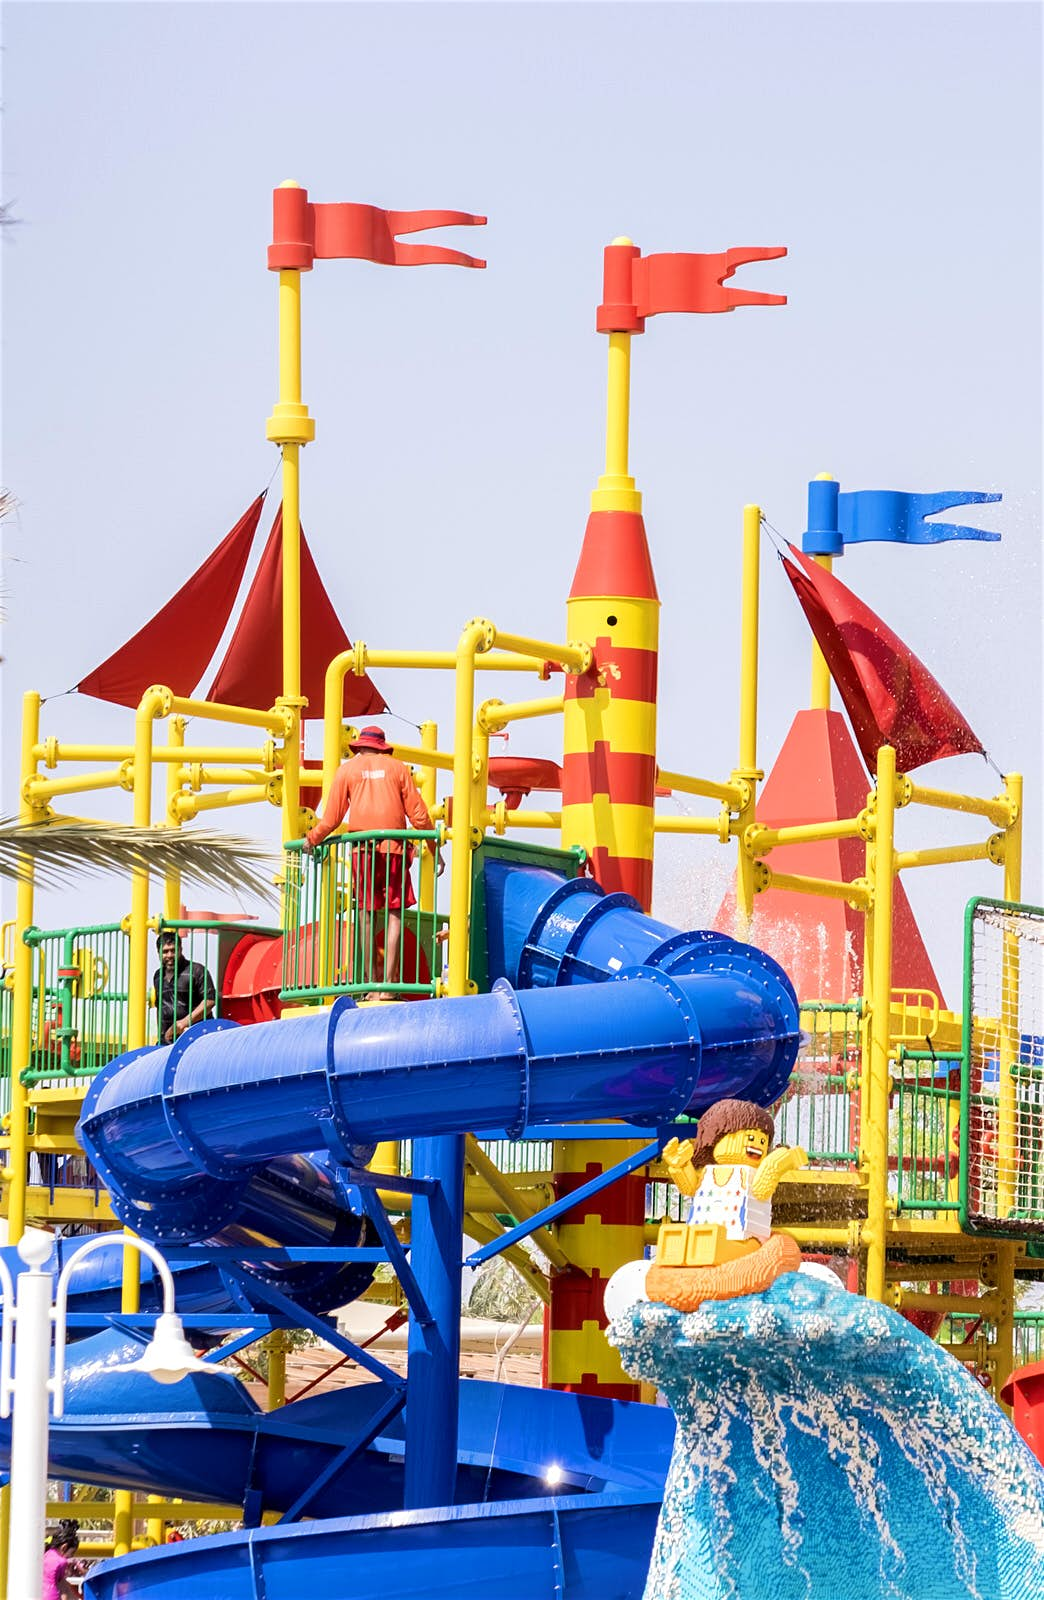 ليغولاند الحديقة المائية Legoland Water Park